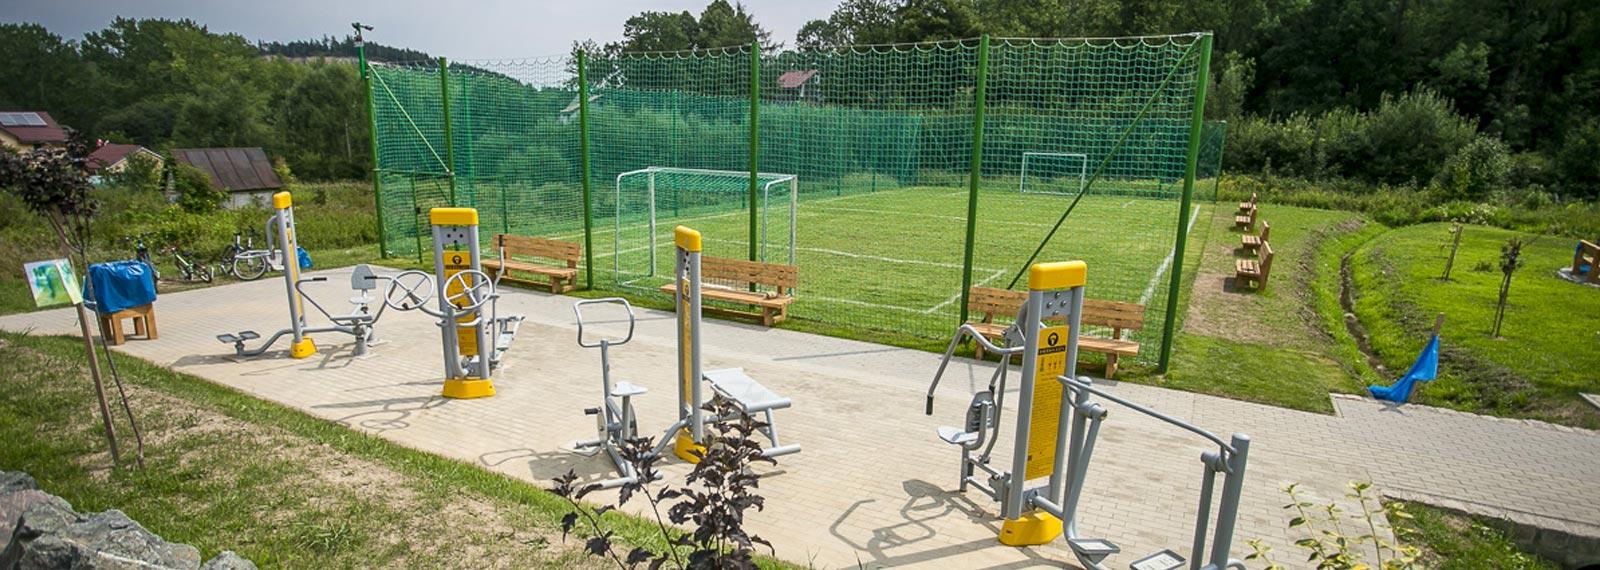 Montaż ogrodzenia boiska